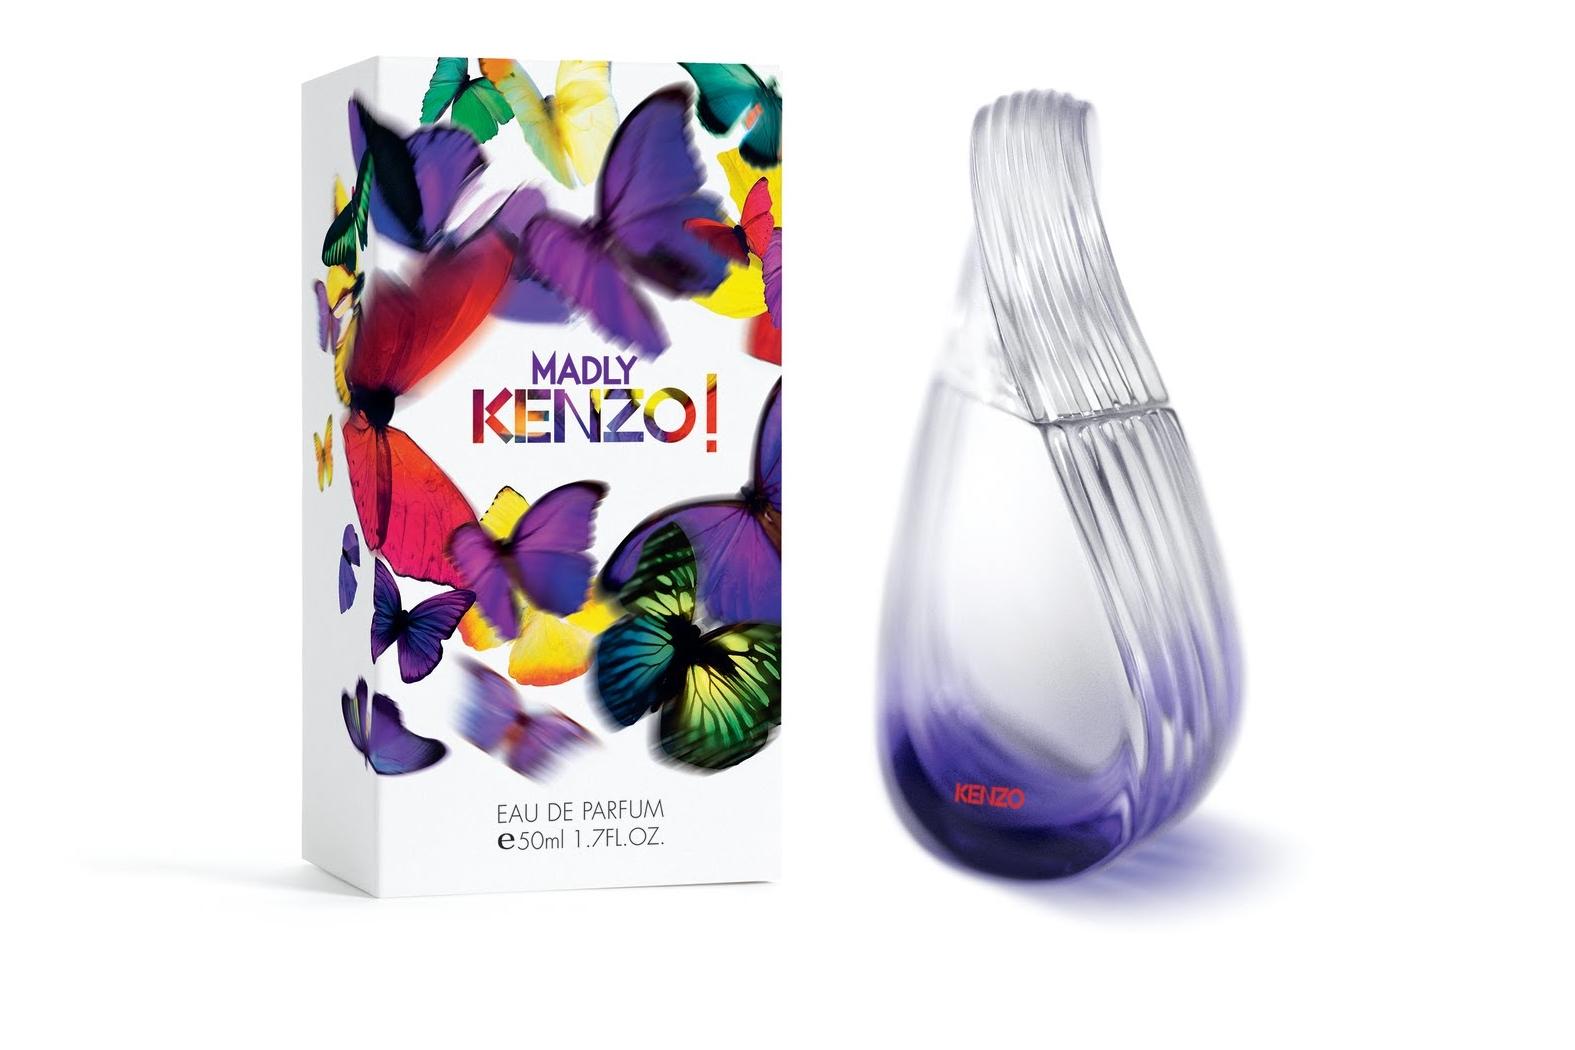 Kenzo Madly Kenzo-дресован независимым и свободным женщинам, допускающих в своей жизни капельку легкого сумасшествия!  Смелый, дерзкий, уверенный в себе. Чувственным женщинам! Настоящий праздник непослушания!